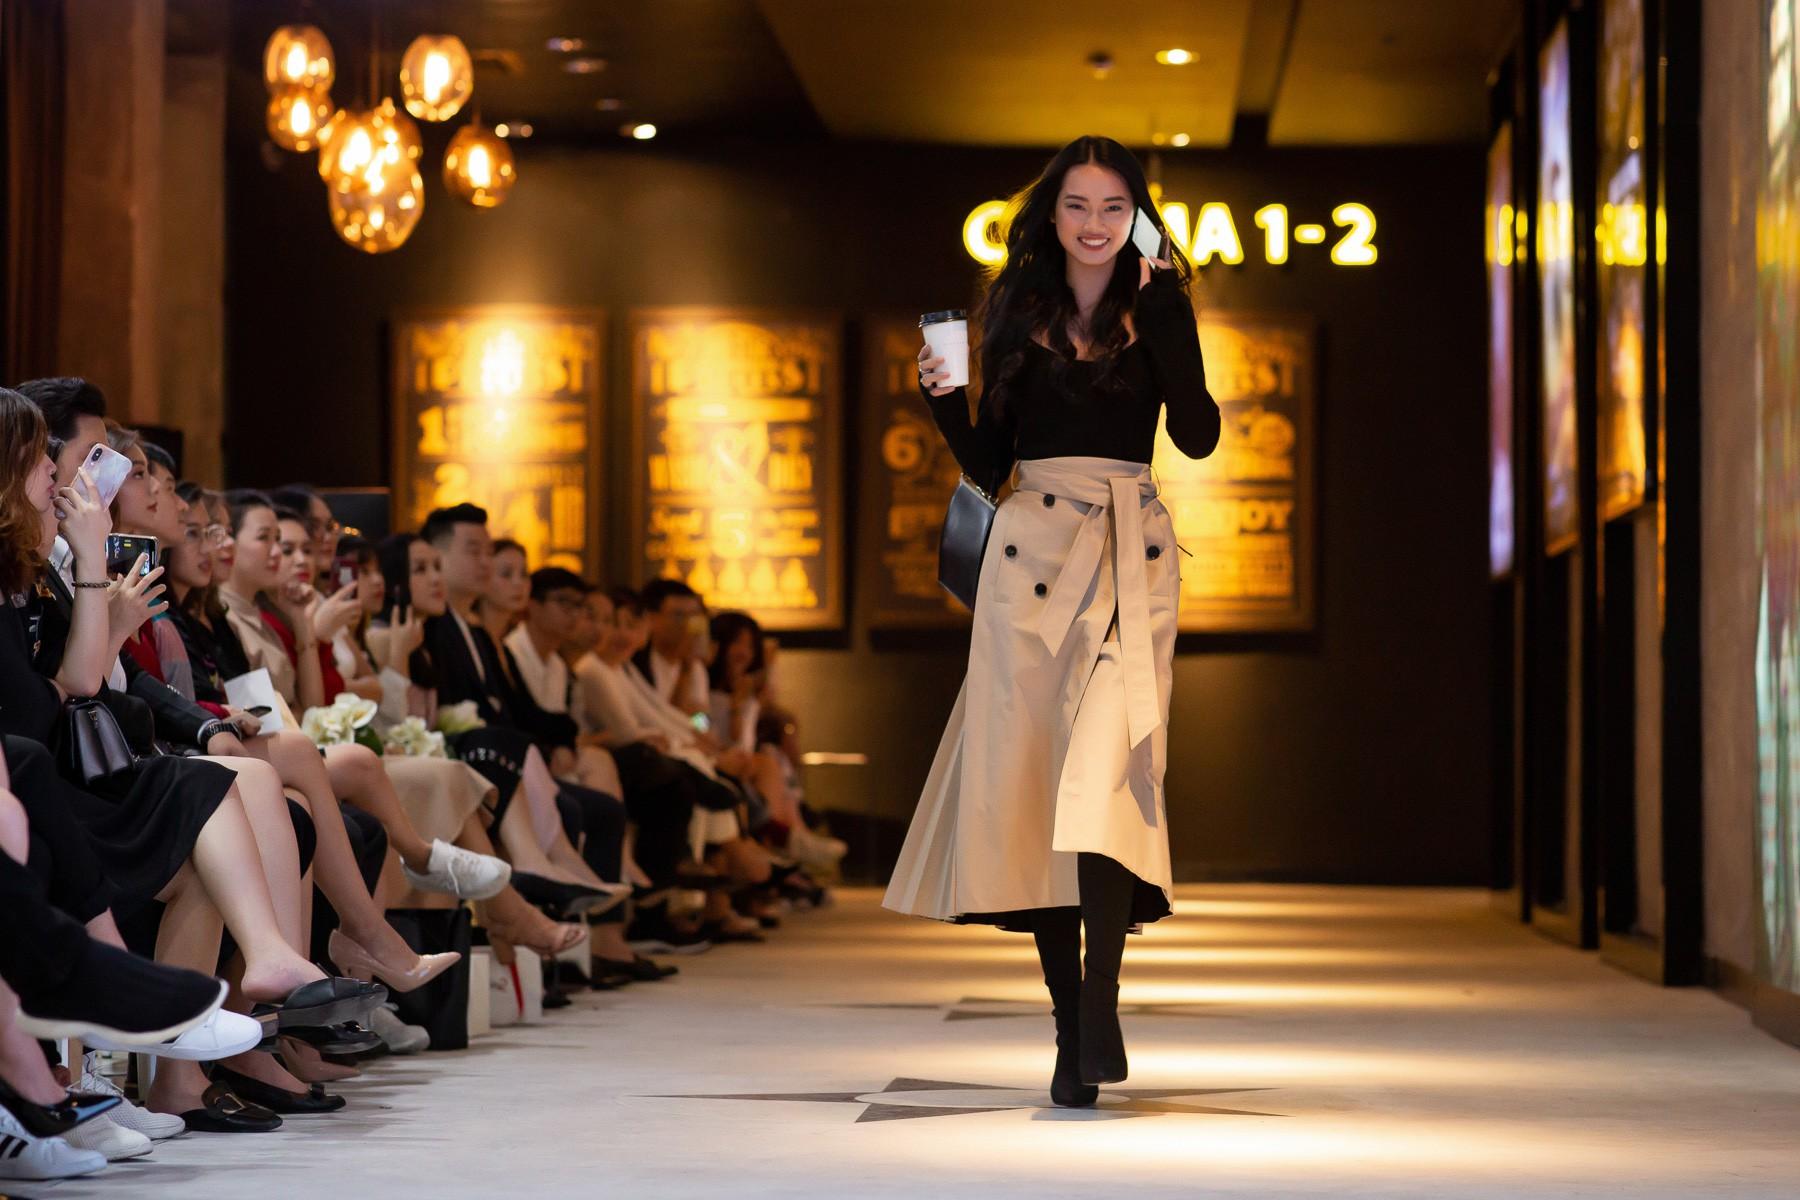 Dàn sao Gái Già Lắm Chiêu 2 bất ngờ gây náo loạn sàn catwalk, chinh phục công chúng bằng BTS ấn tượng của Lâm Gia Khang - Ảnh 7.